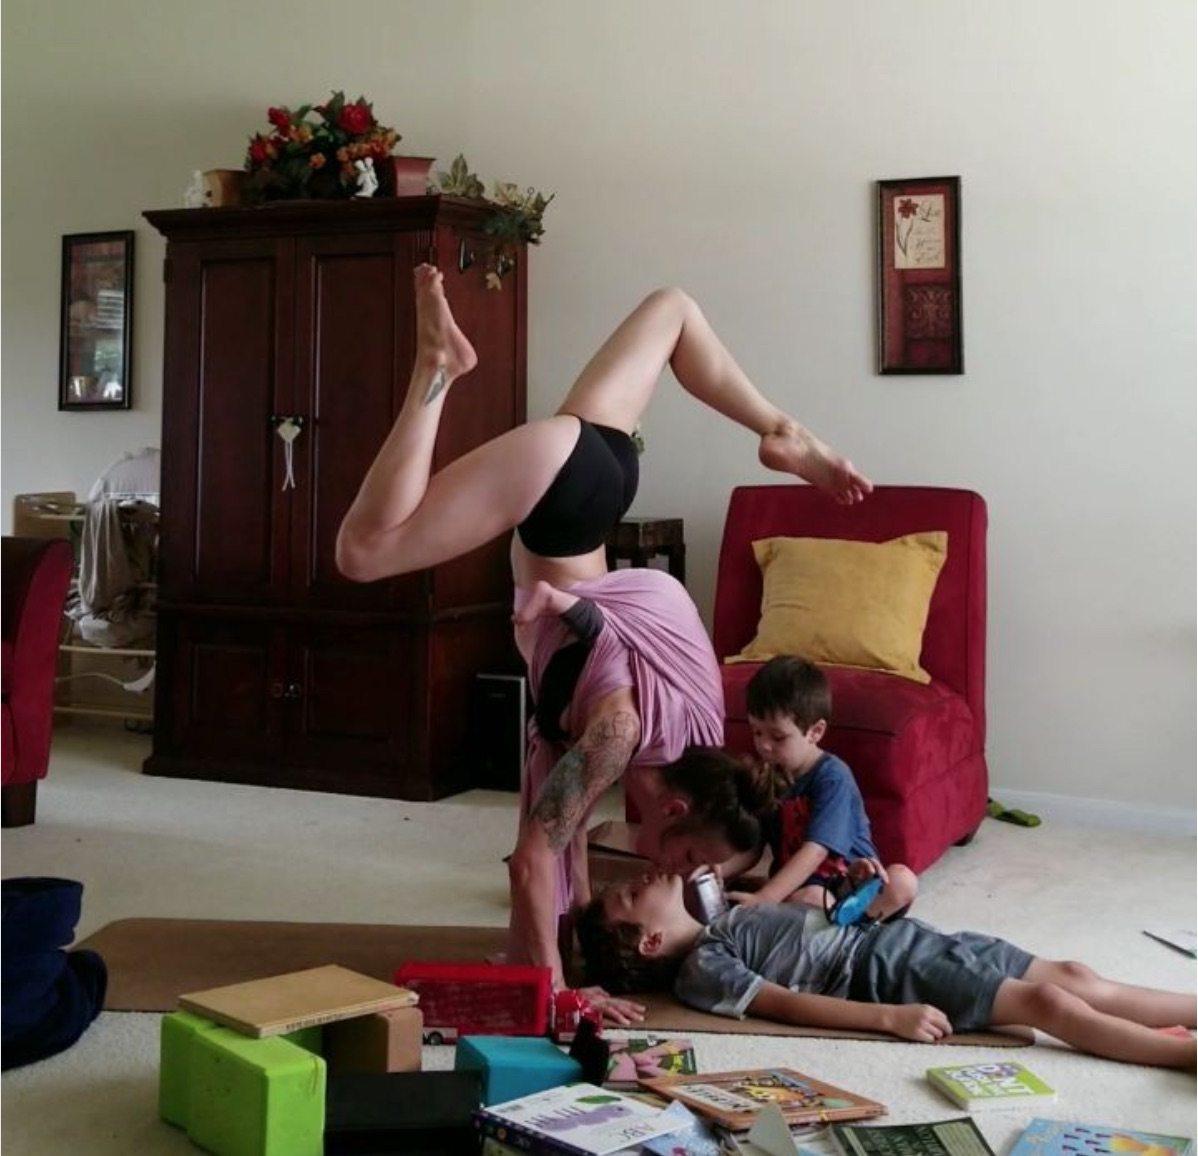 Brestfeeding yoga: l'ultima frontiera dello yoga è... allattando